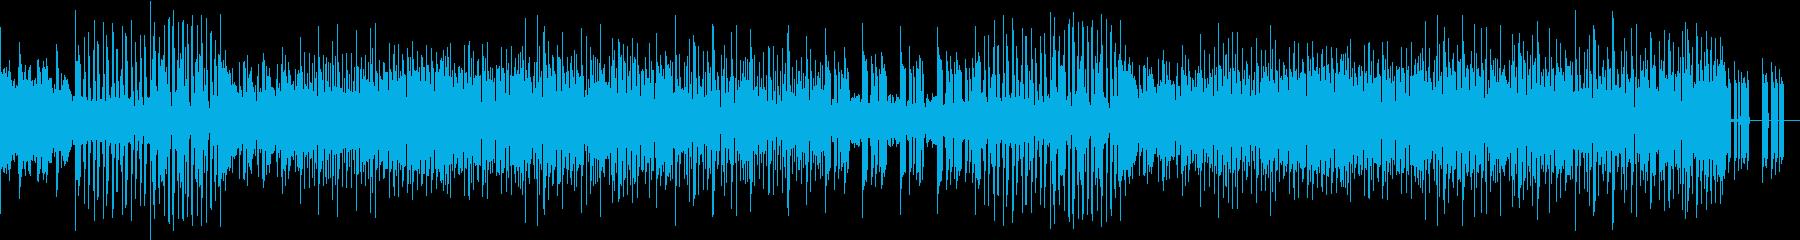 シンセとギターのお洒落EDMの再生済みの波形